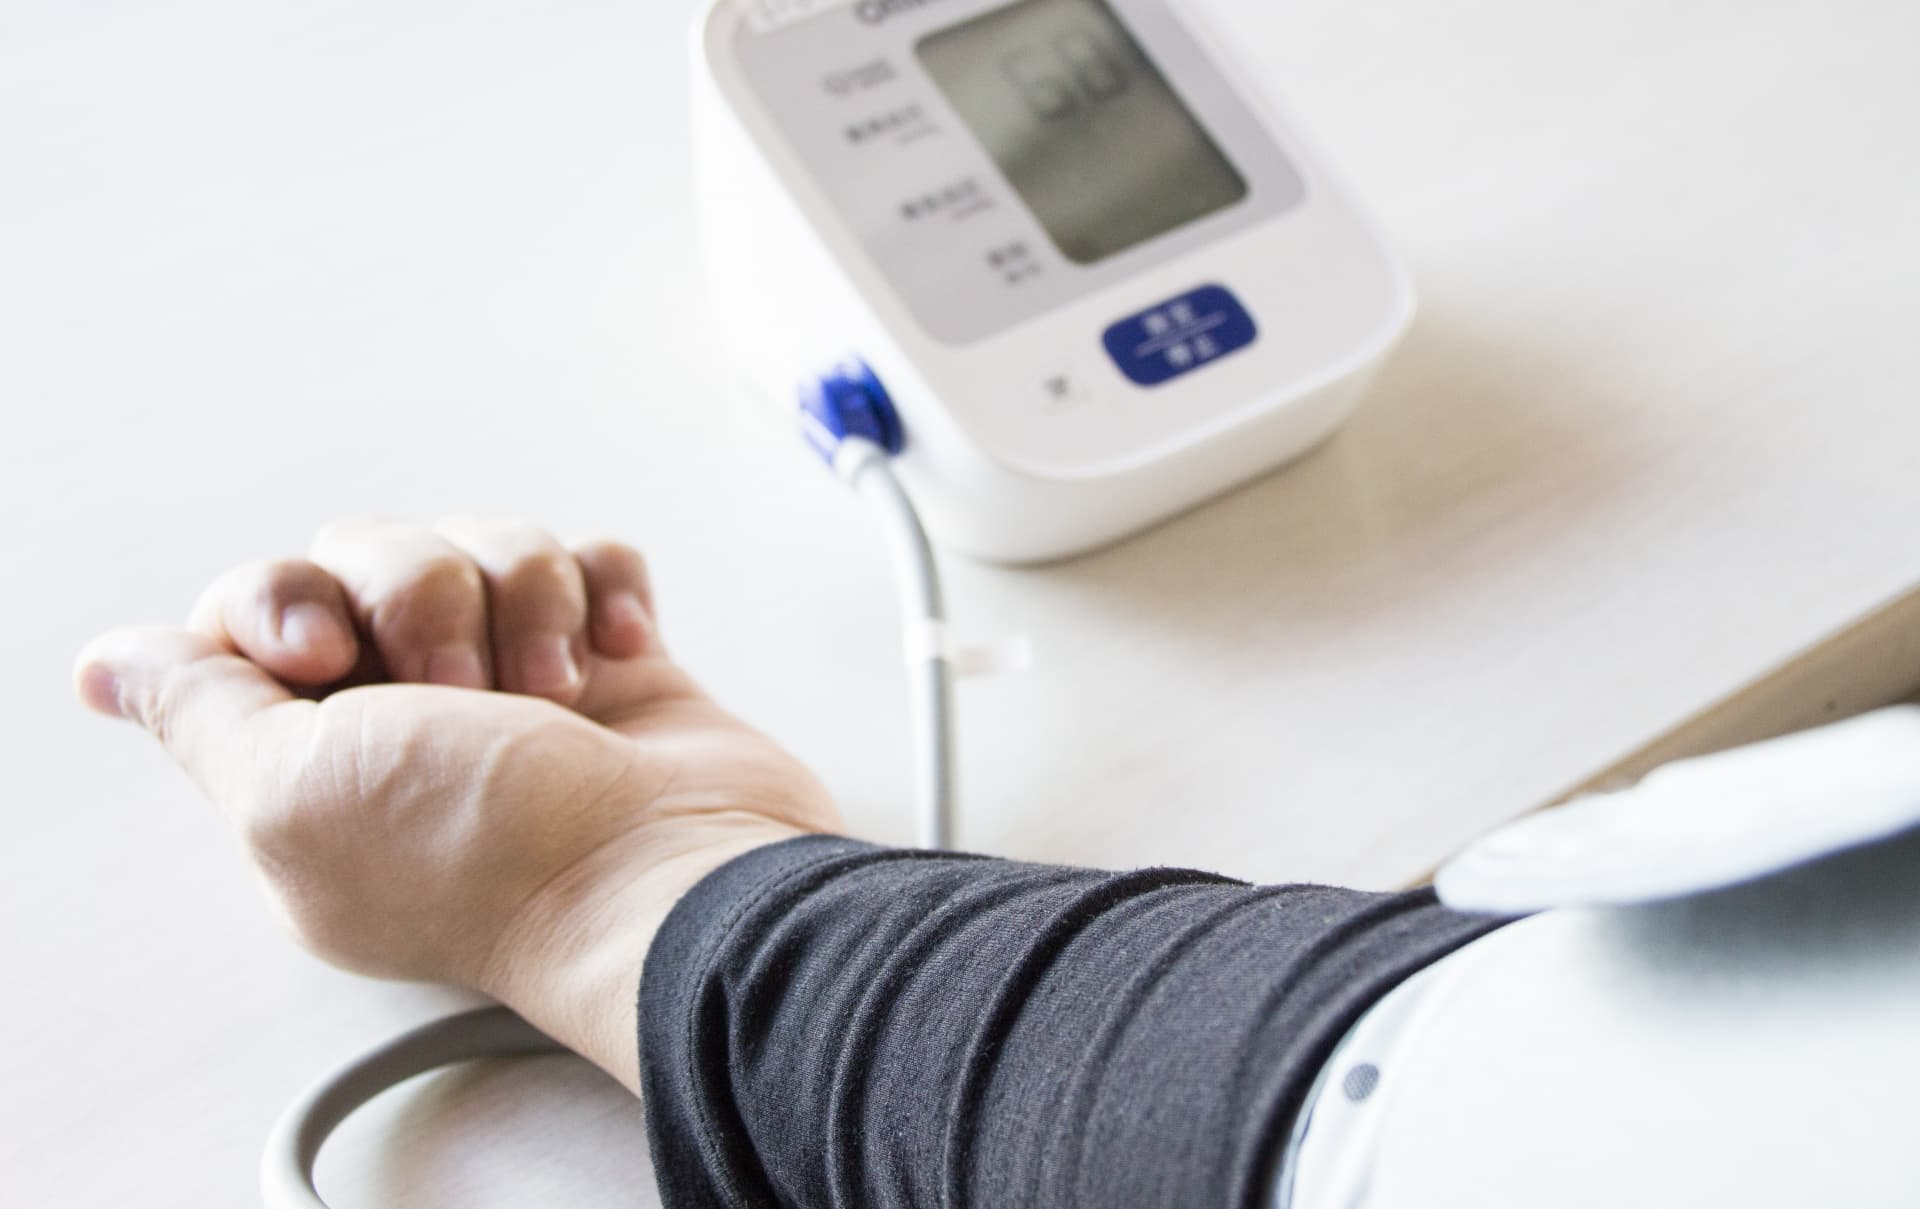 血圧測定の様子